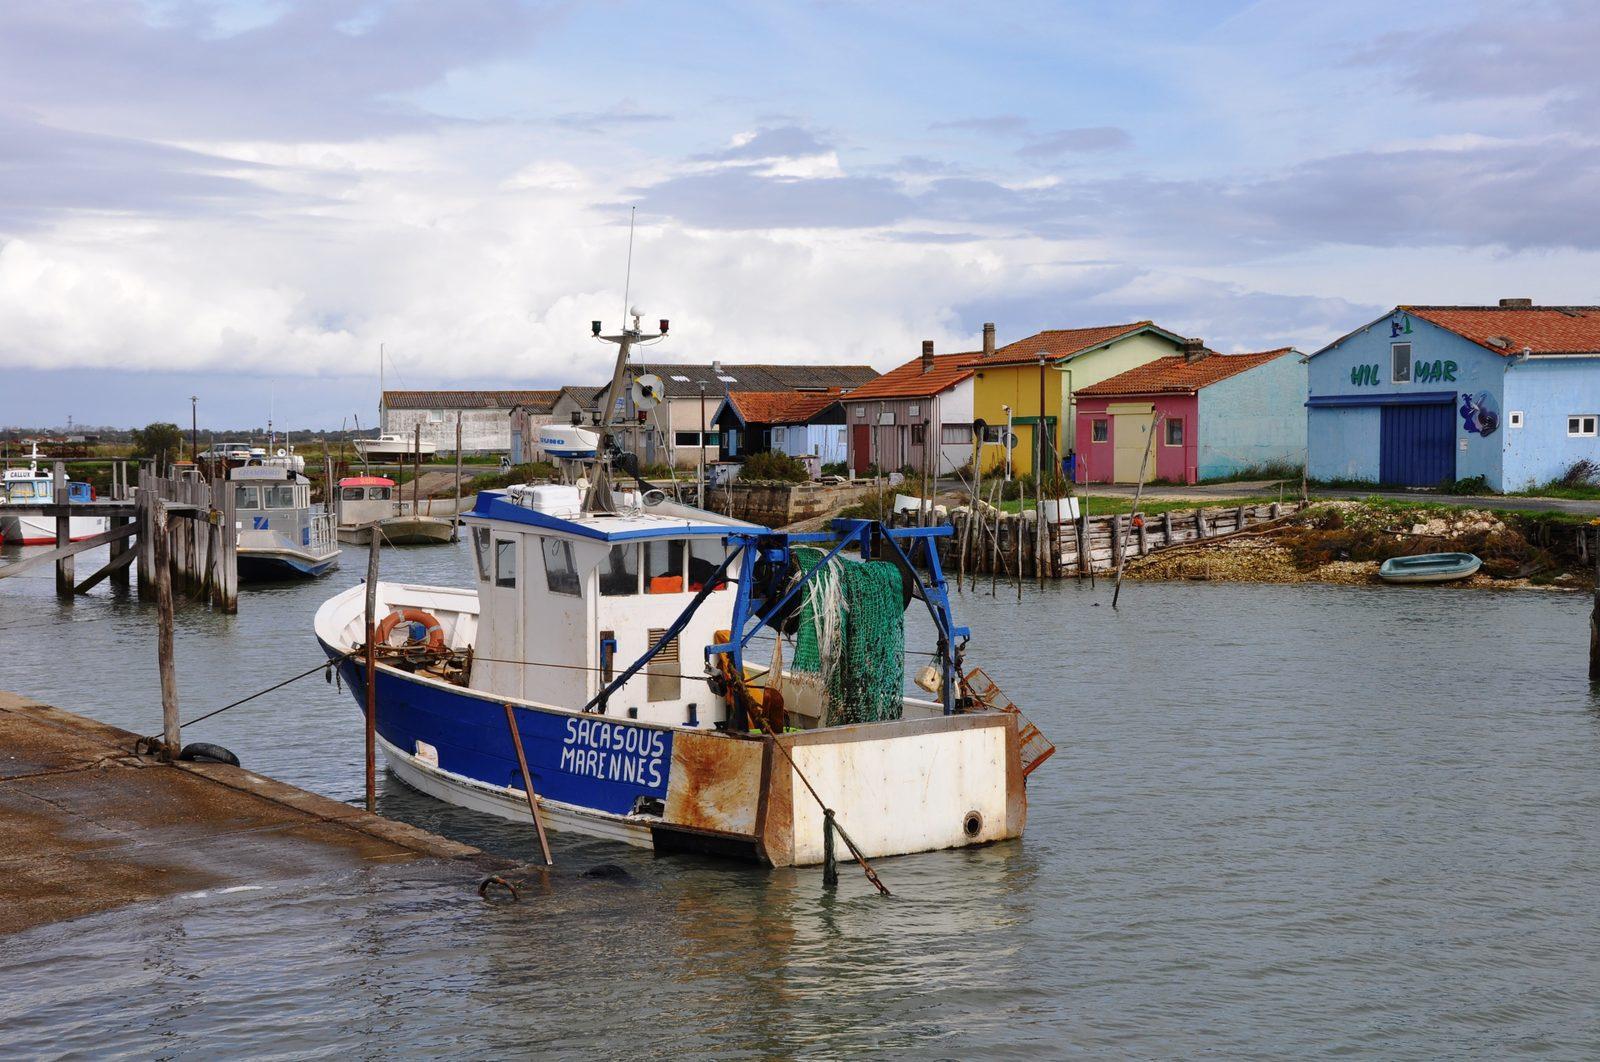 Frankrijk, Charente Maritime, vakantie, vakantiehuis, luxe, oesters